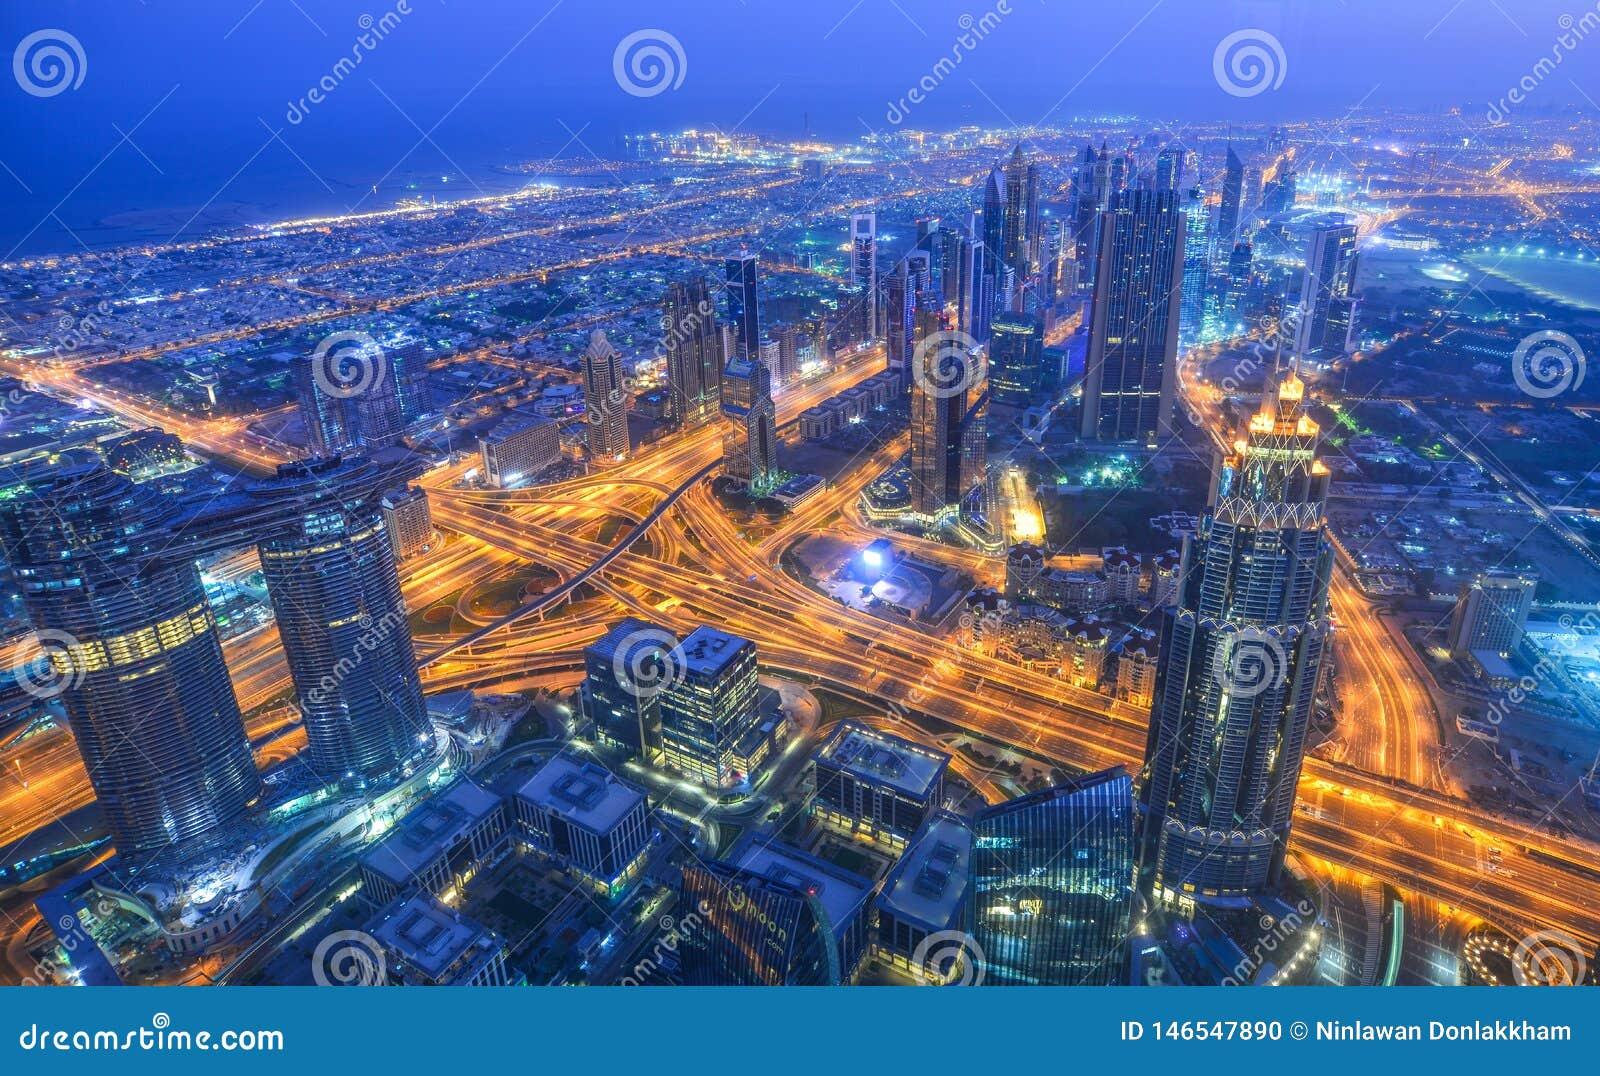 Вид с воздуха города Дубай вечером